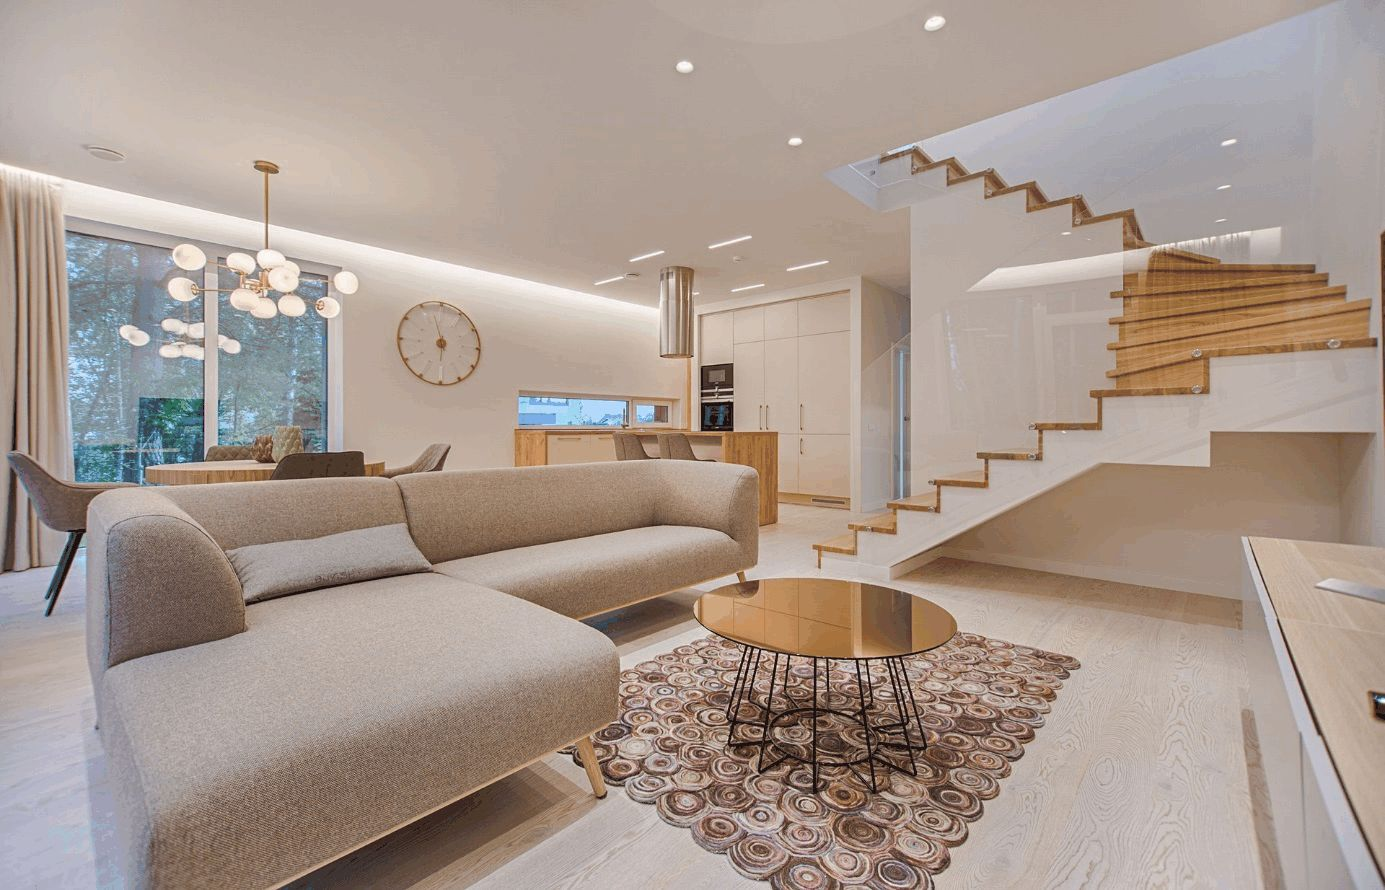 Modernes, luxuriöses Wohnzimmer mit heller Couch im Vordergrund